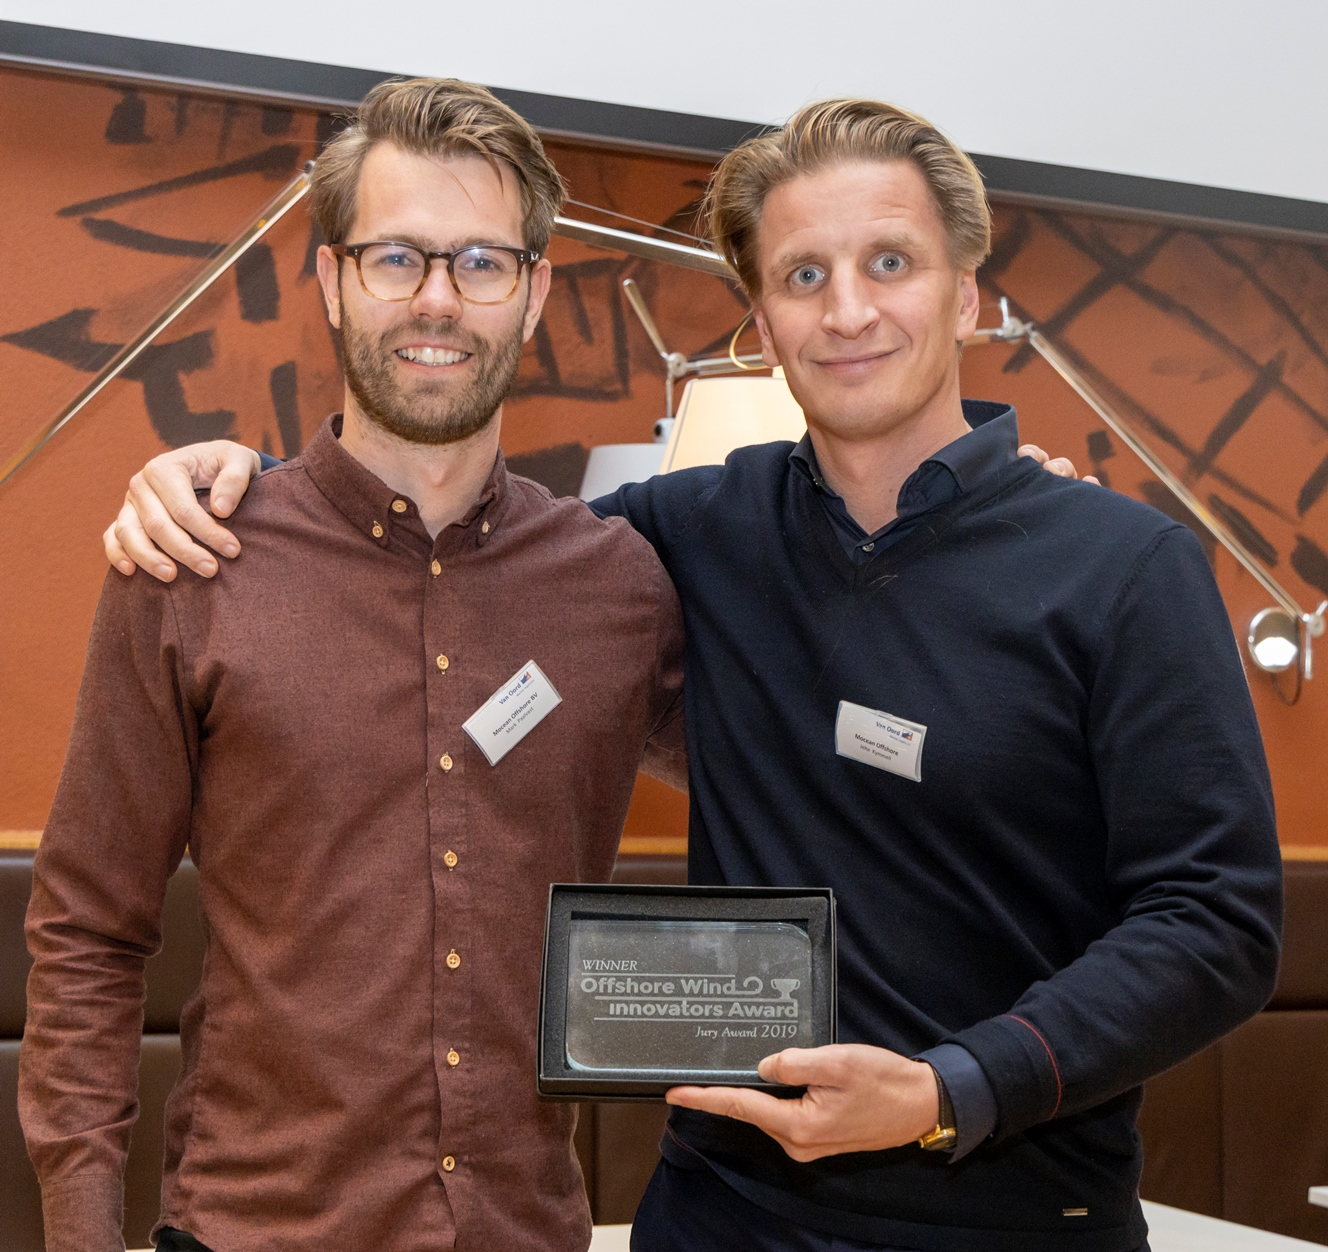 MO4 en Seaqualize Offshore Wind Innovation Award 2019 winnaars